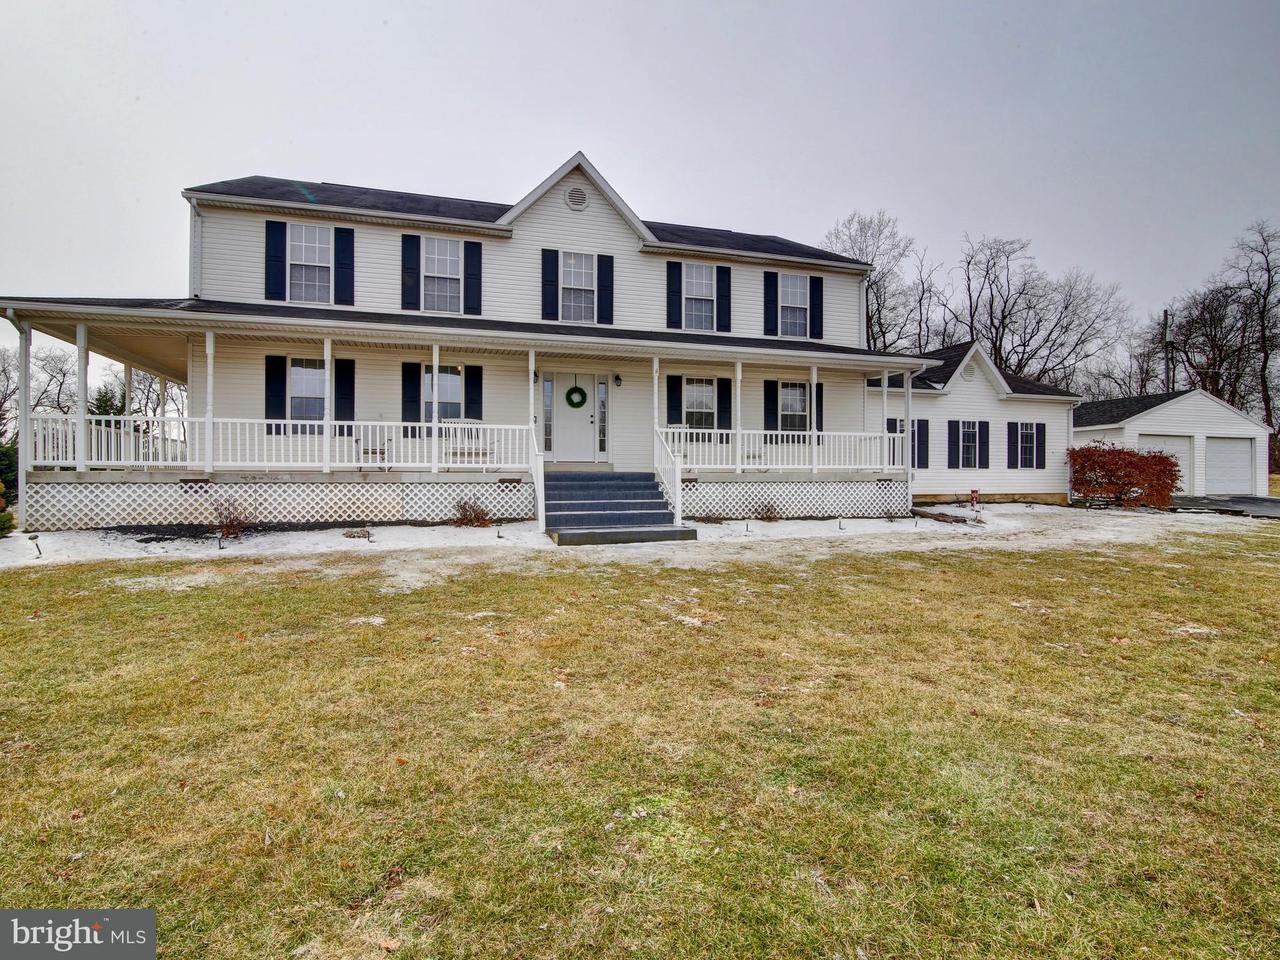 Μονοκατοικία για την Πώληση στο 519 Van Clevesville Road 519 Van Clevesville Road Kearneysville, Δυτικη Βιρτζινια 25430 Ηνωμενεσ Πολιτειεσ